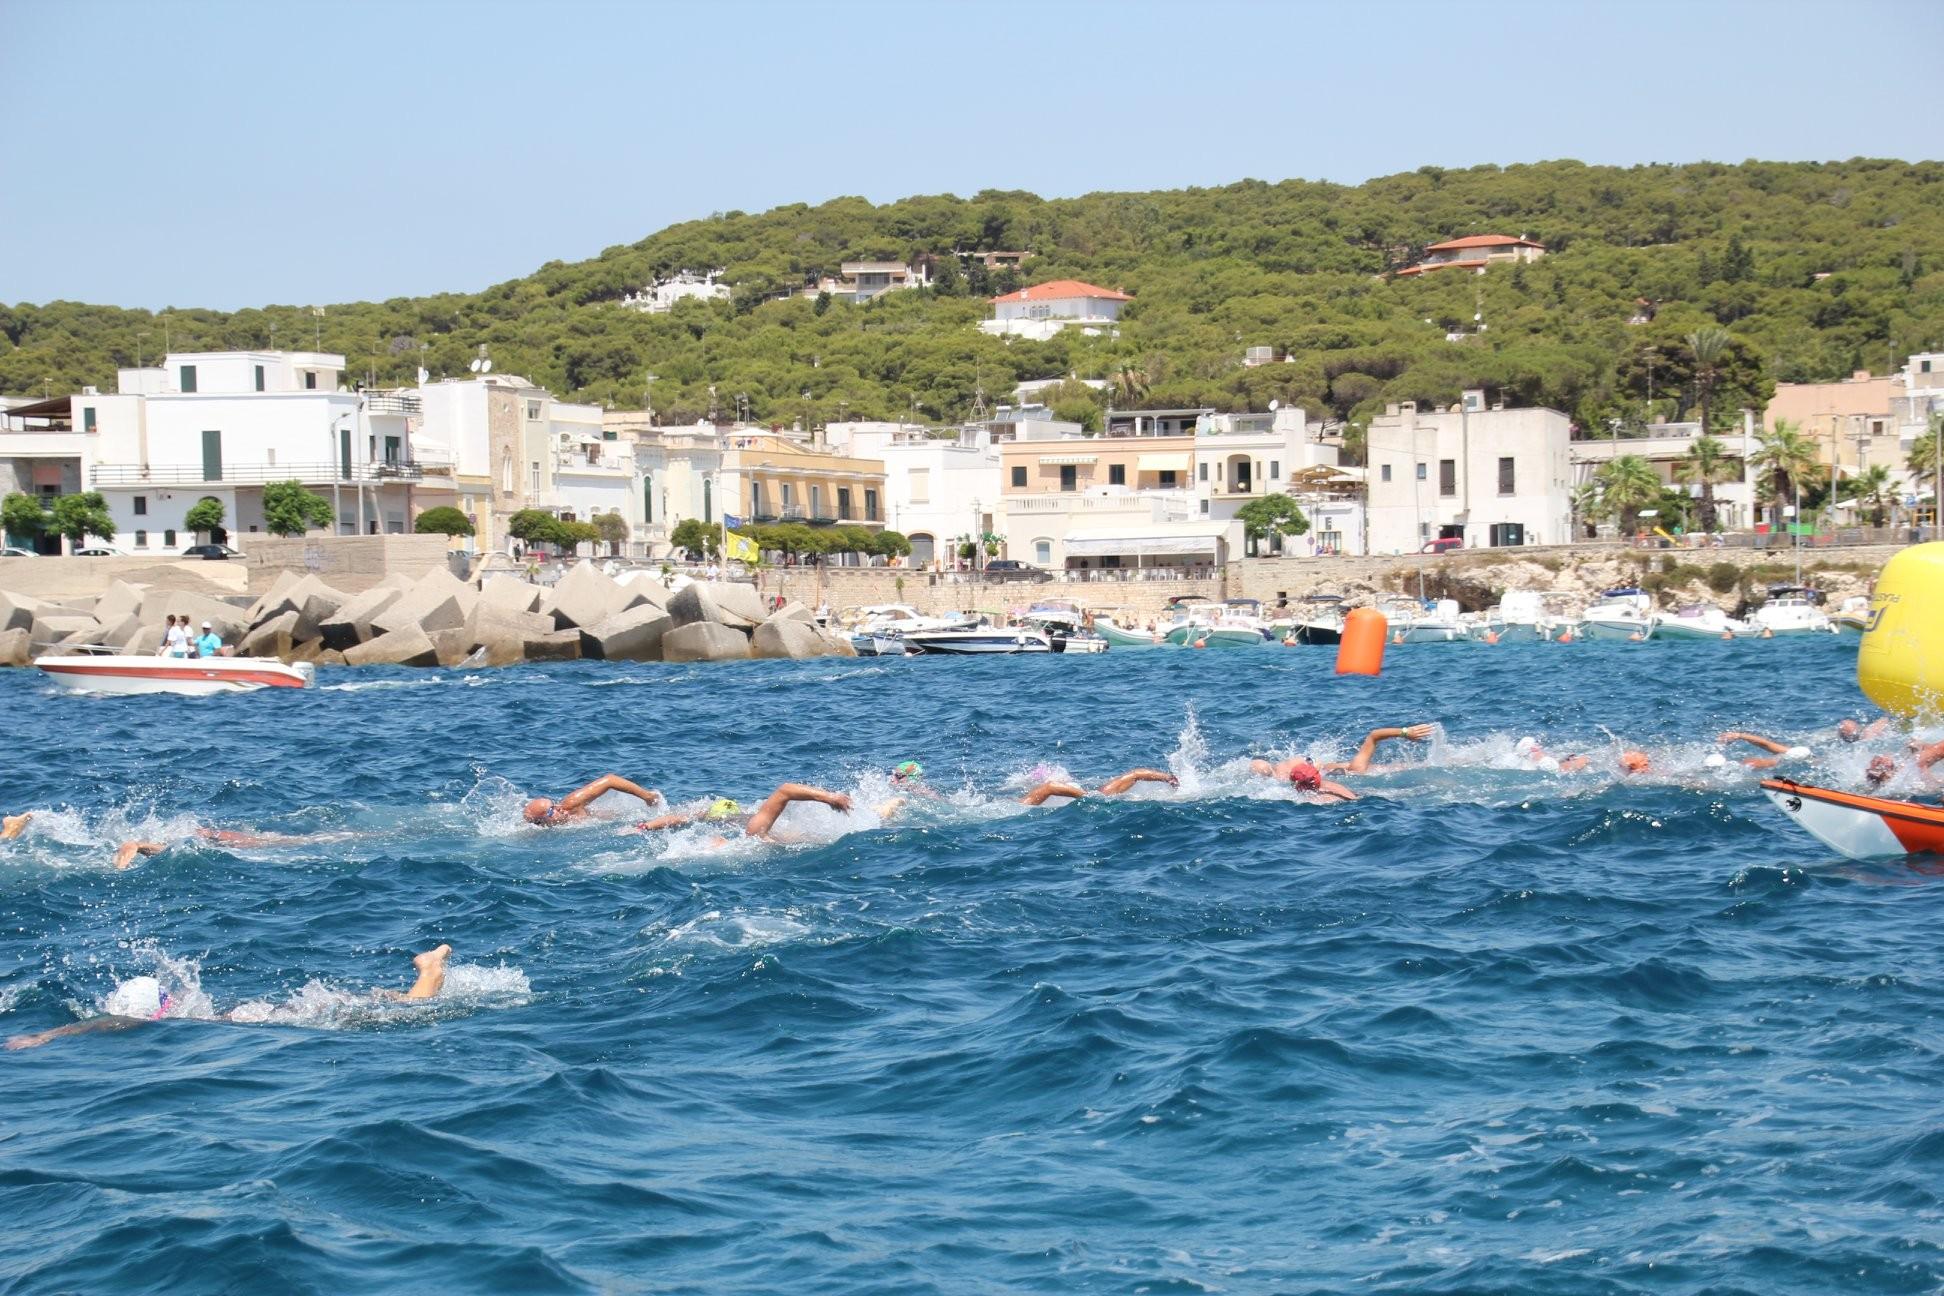 Al via oggi la seconda edizione del Circuito Federale di nuoto. L'ultima tappa sarà a Bisceglie